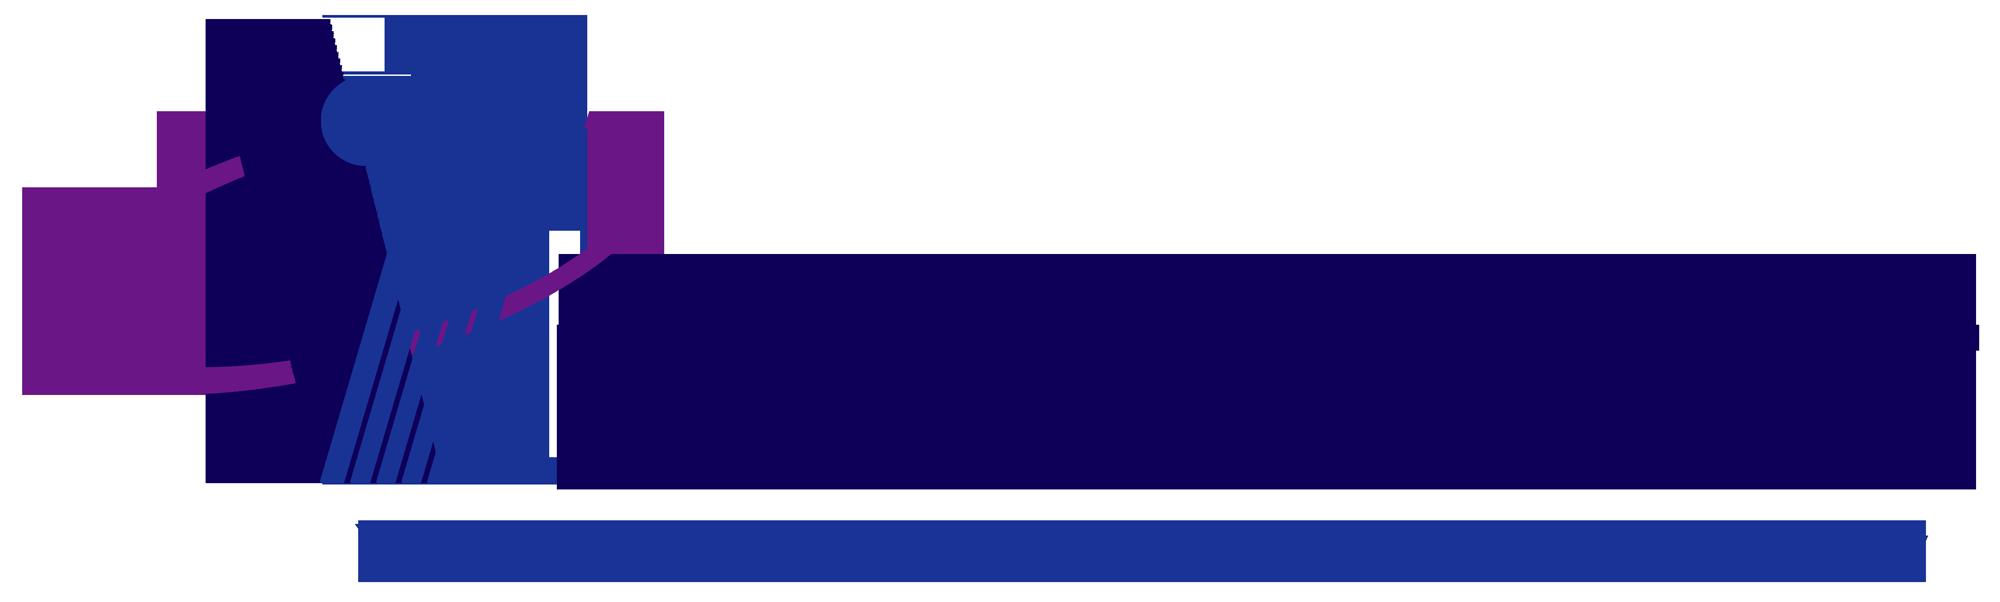 Vitelnet-Logo-Master-Med